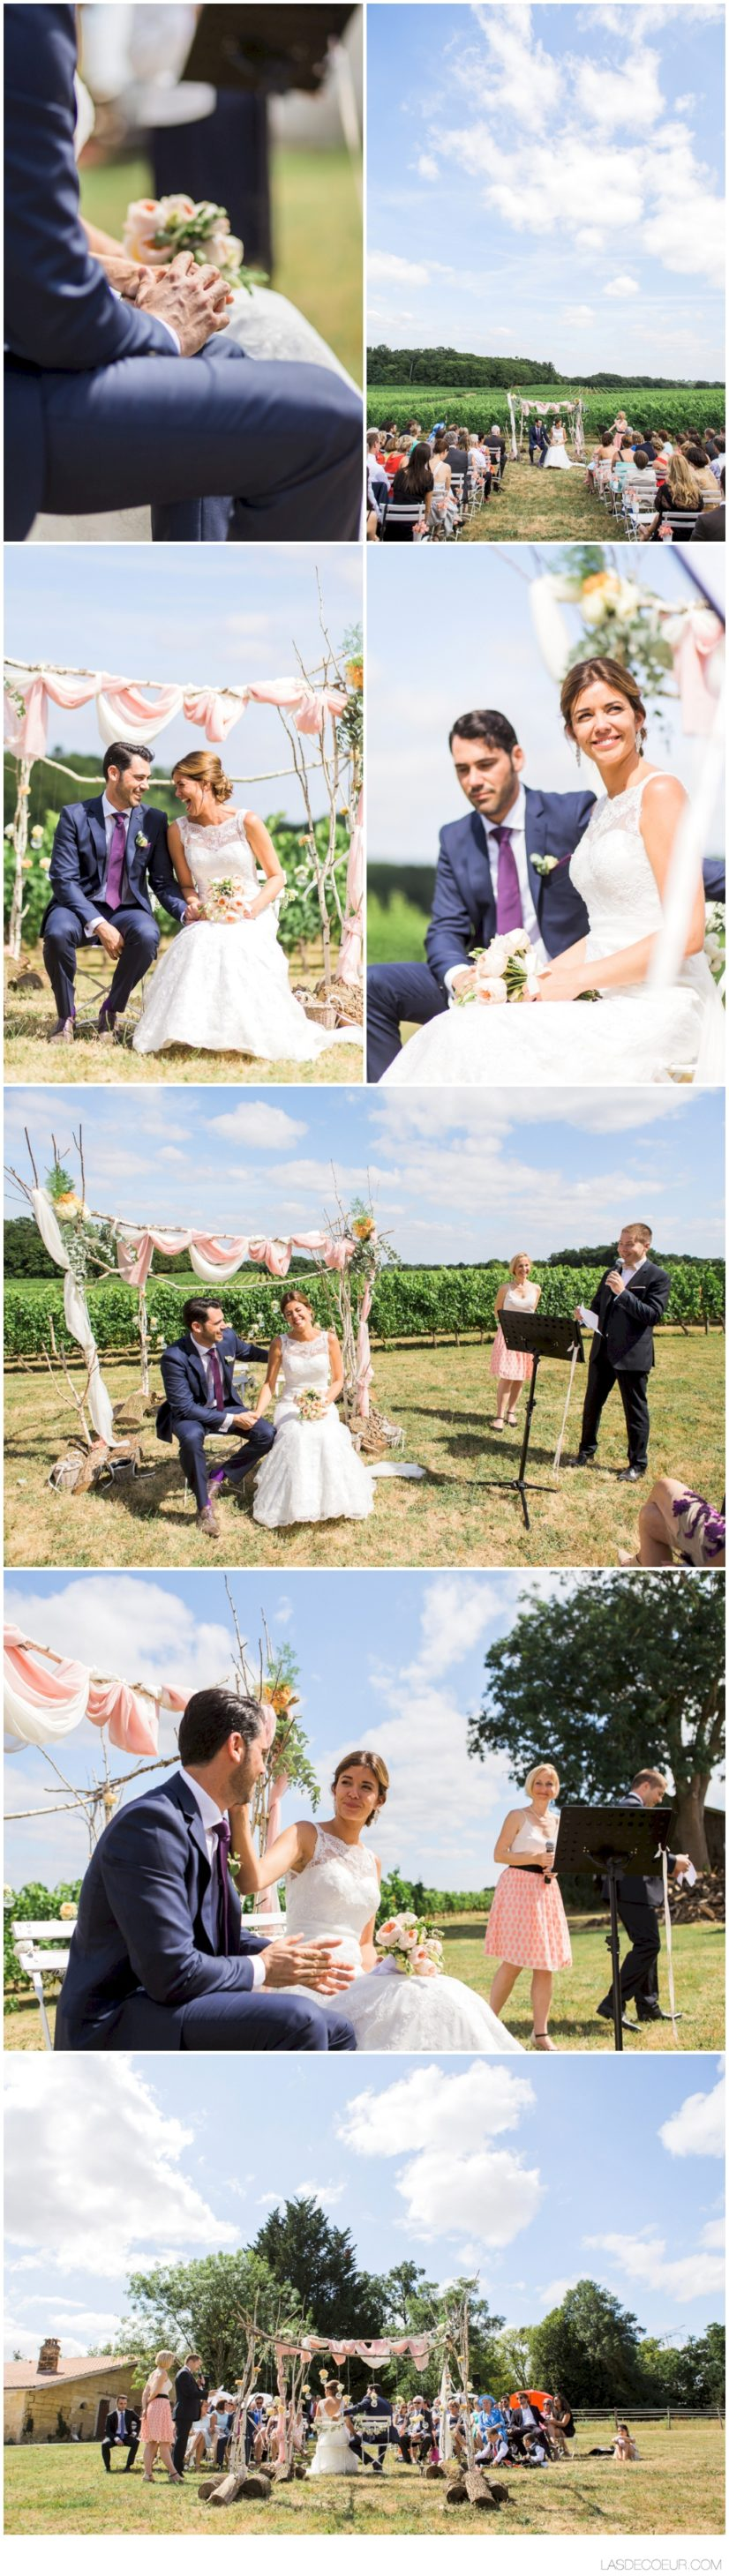 photographe mariage Bordeaux cérémonie laïque